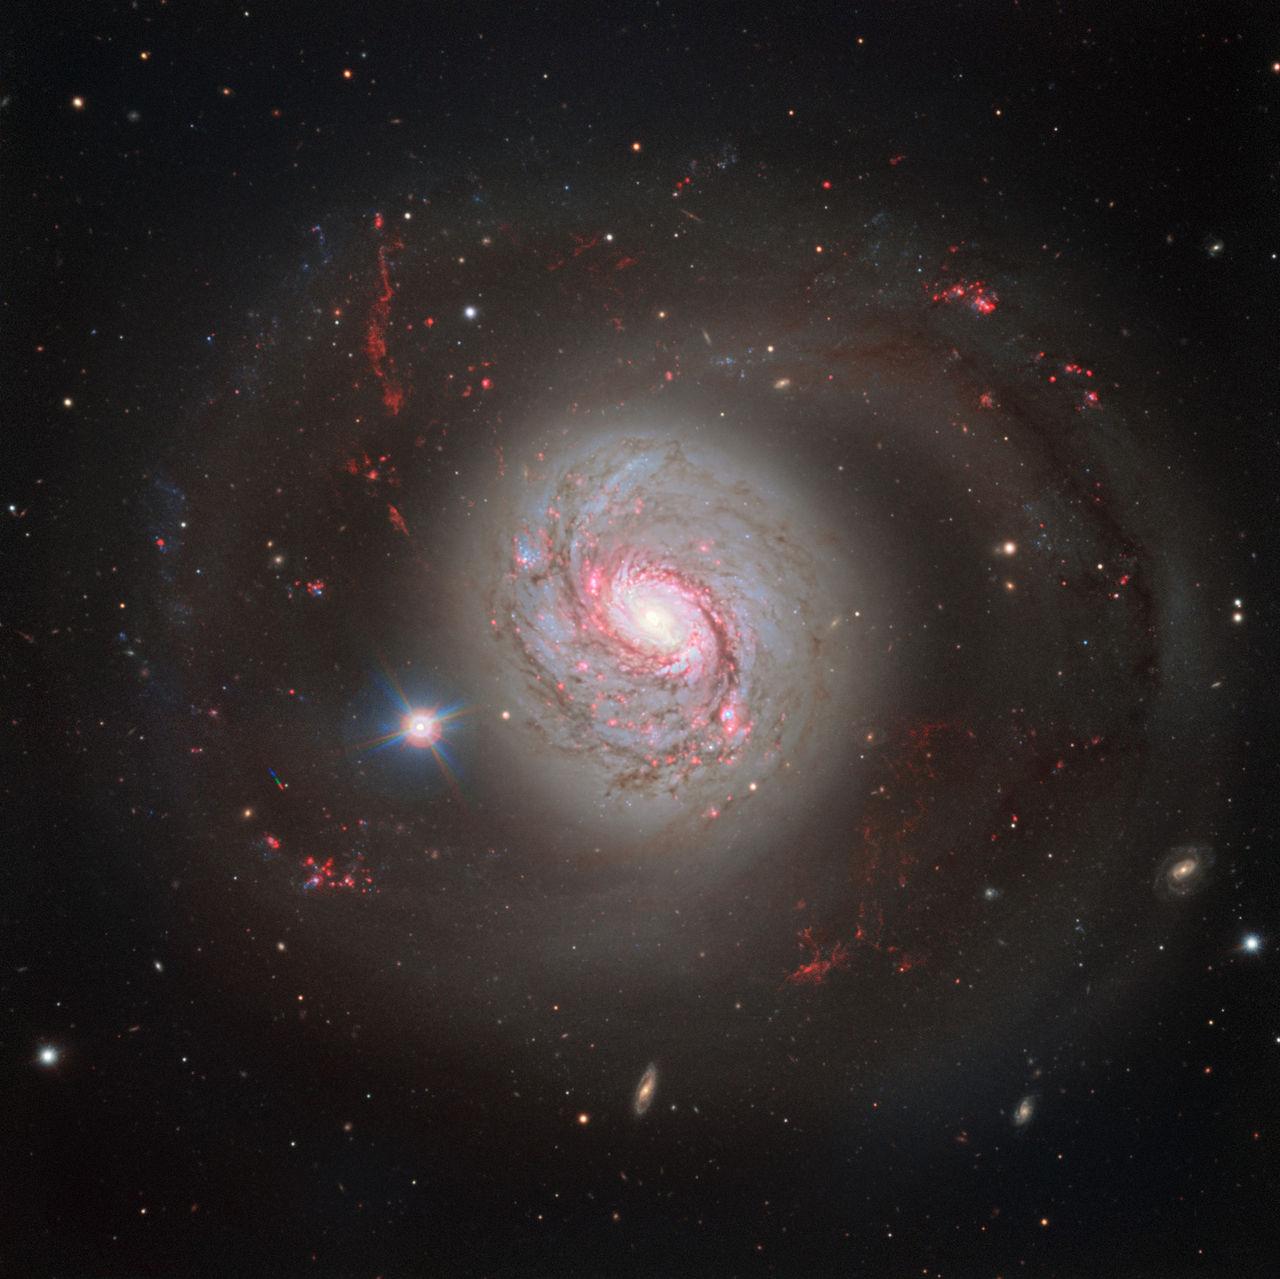 VLT fotar snygg bild på galaxen Messier 77